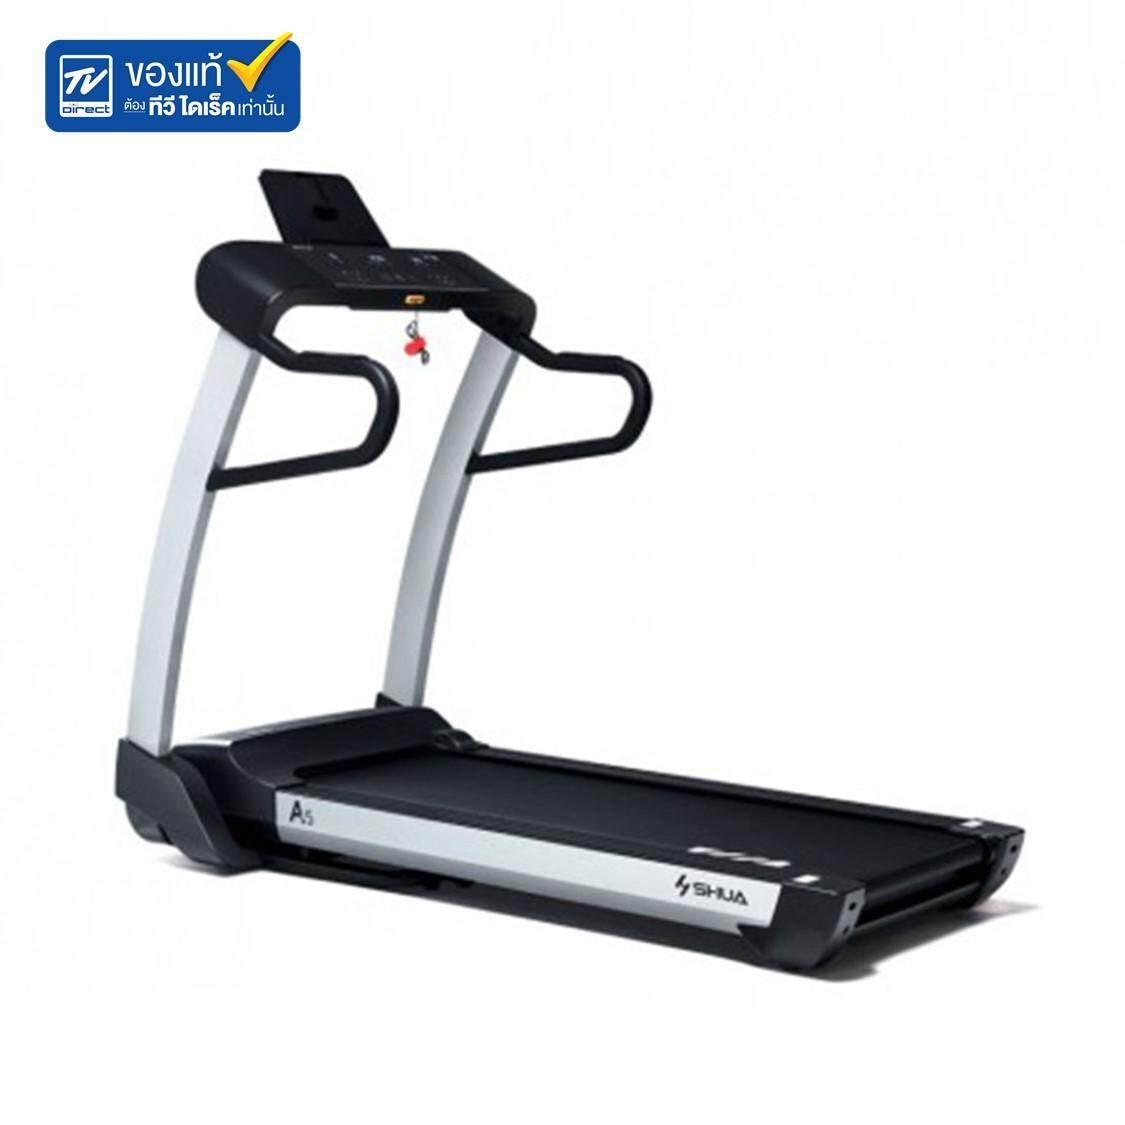 สุดยอดสินค้า!! TVDirect 360 ONGSA MOTORRIZED TREADMILL A5 ลู่วิ่งไฟฟ้า 2.5 แรงม้า